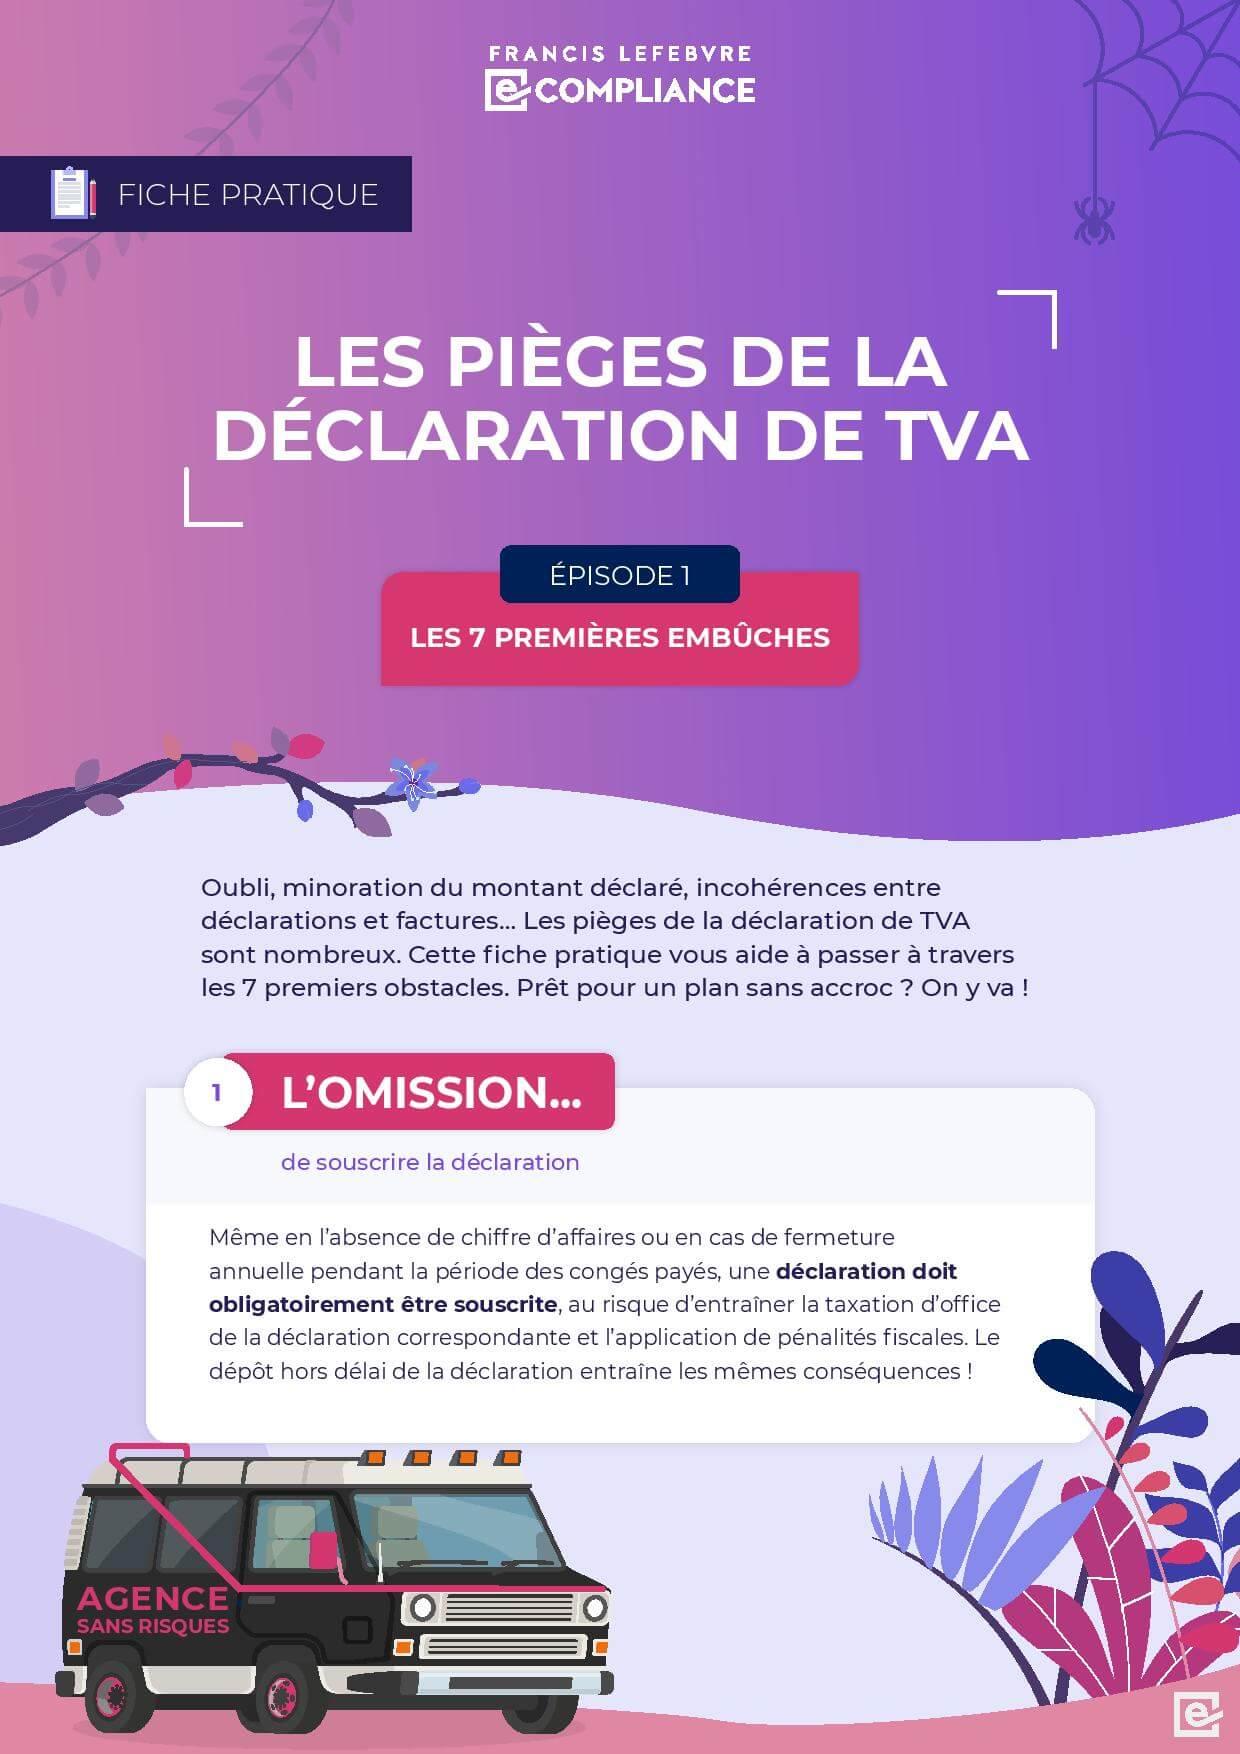 Francis Lefebvre e-Compliance – Les 7 pièges de la déclaration de TVA